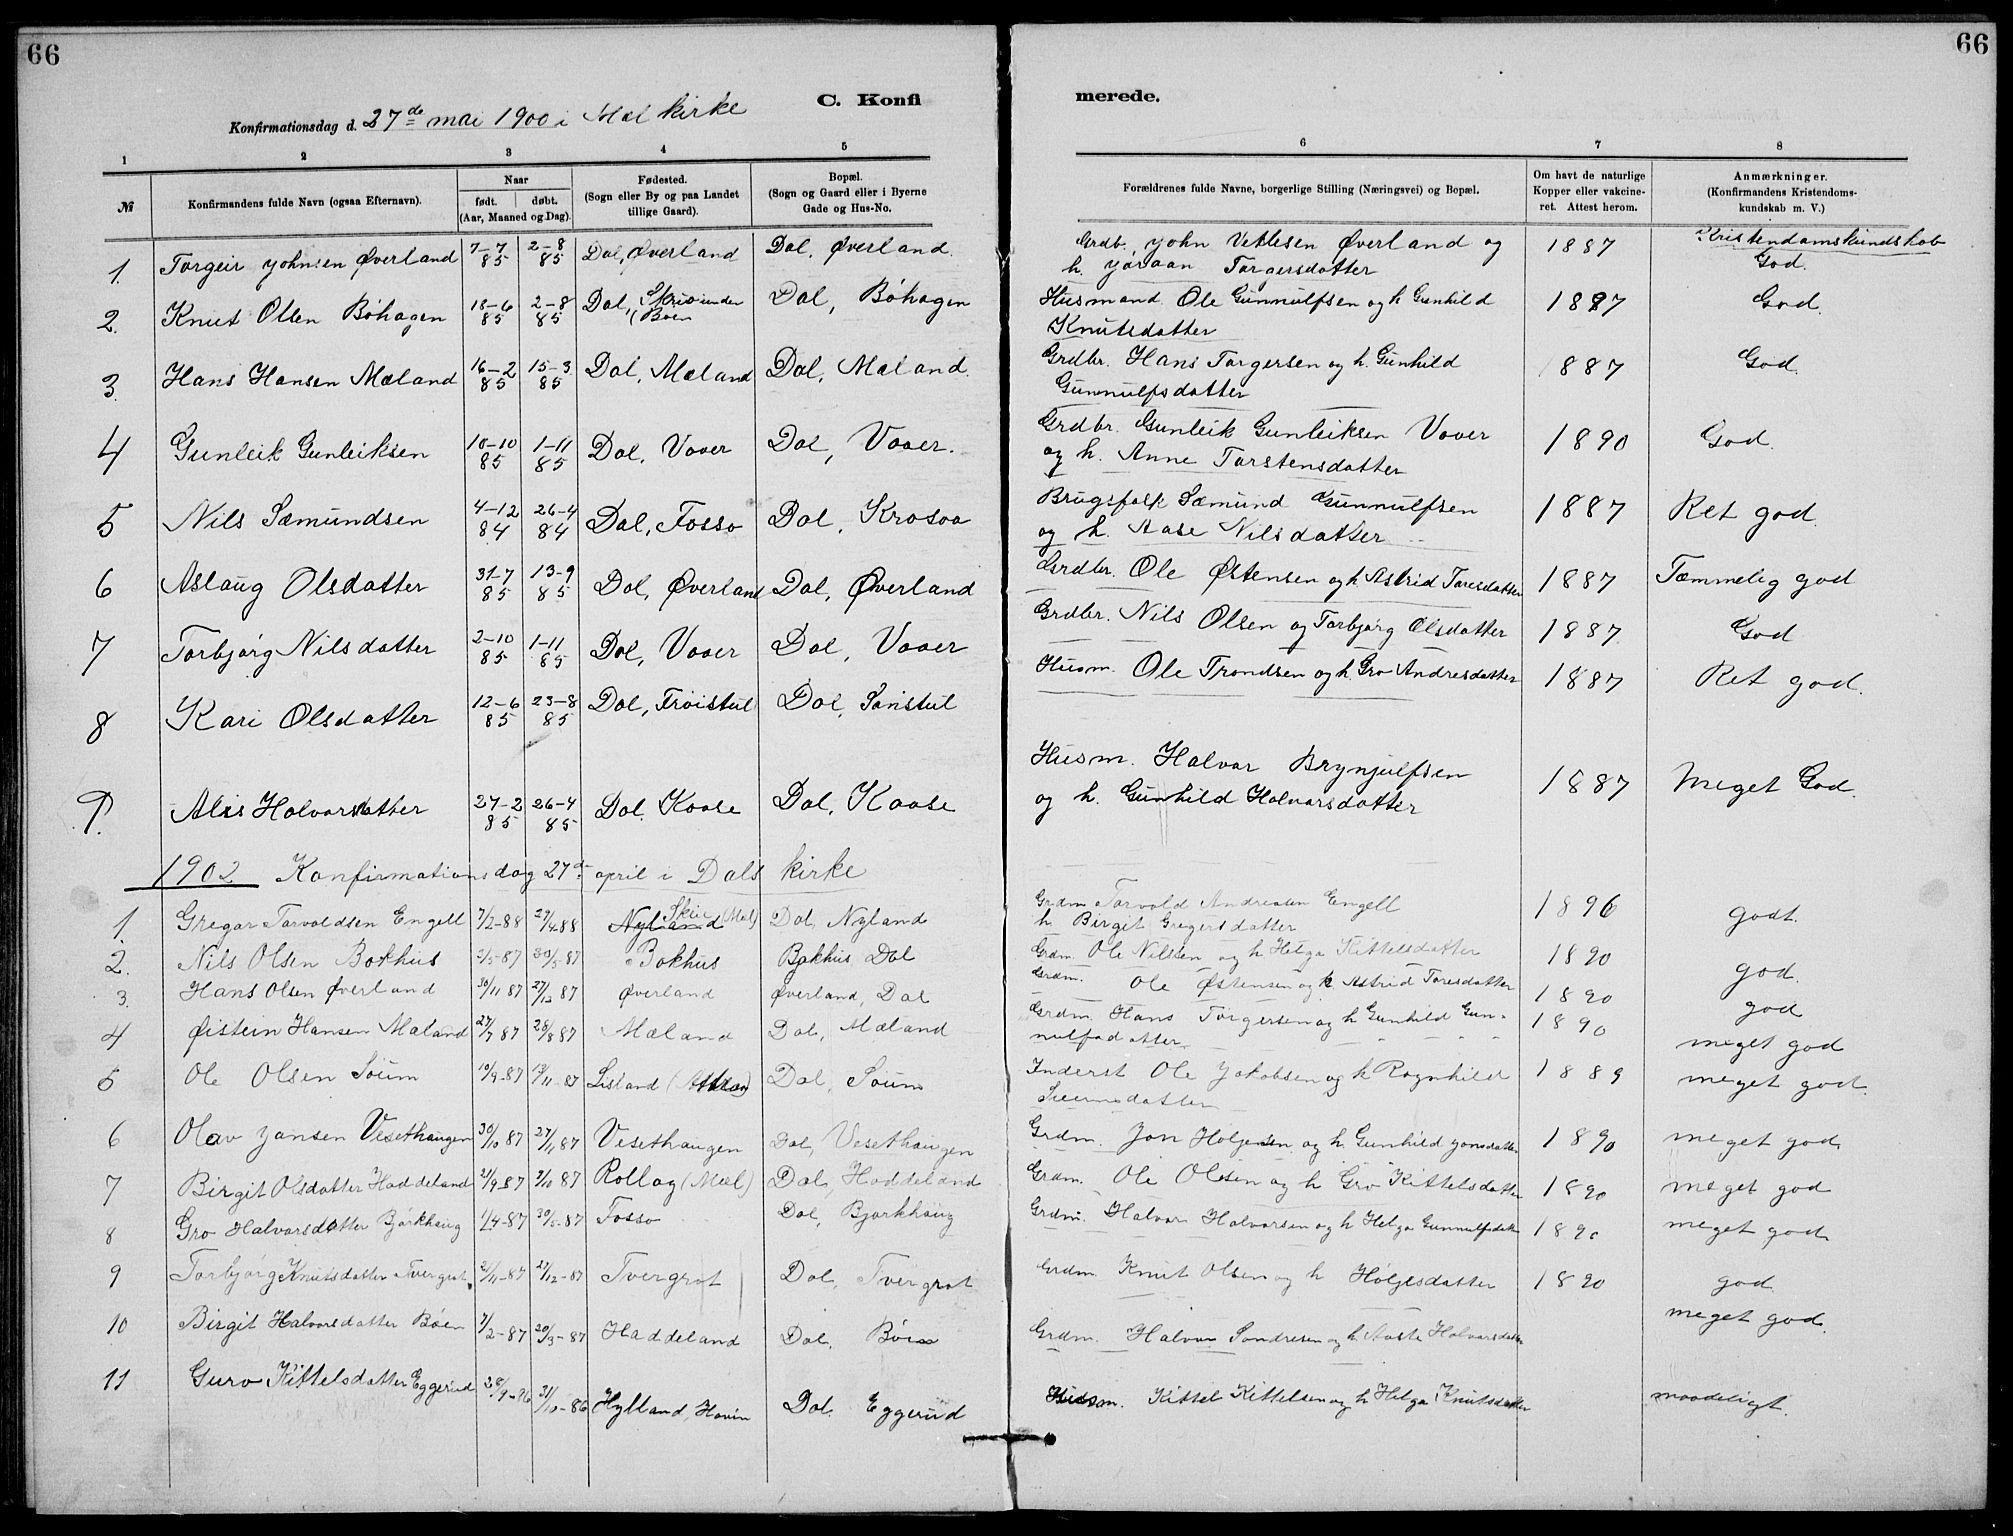 SAKO, Rjukan kirkebøker, G/Ga/L0001: Klokkerbok nr. 1, 1880-1914, s. 66